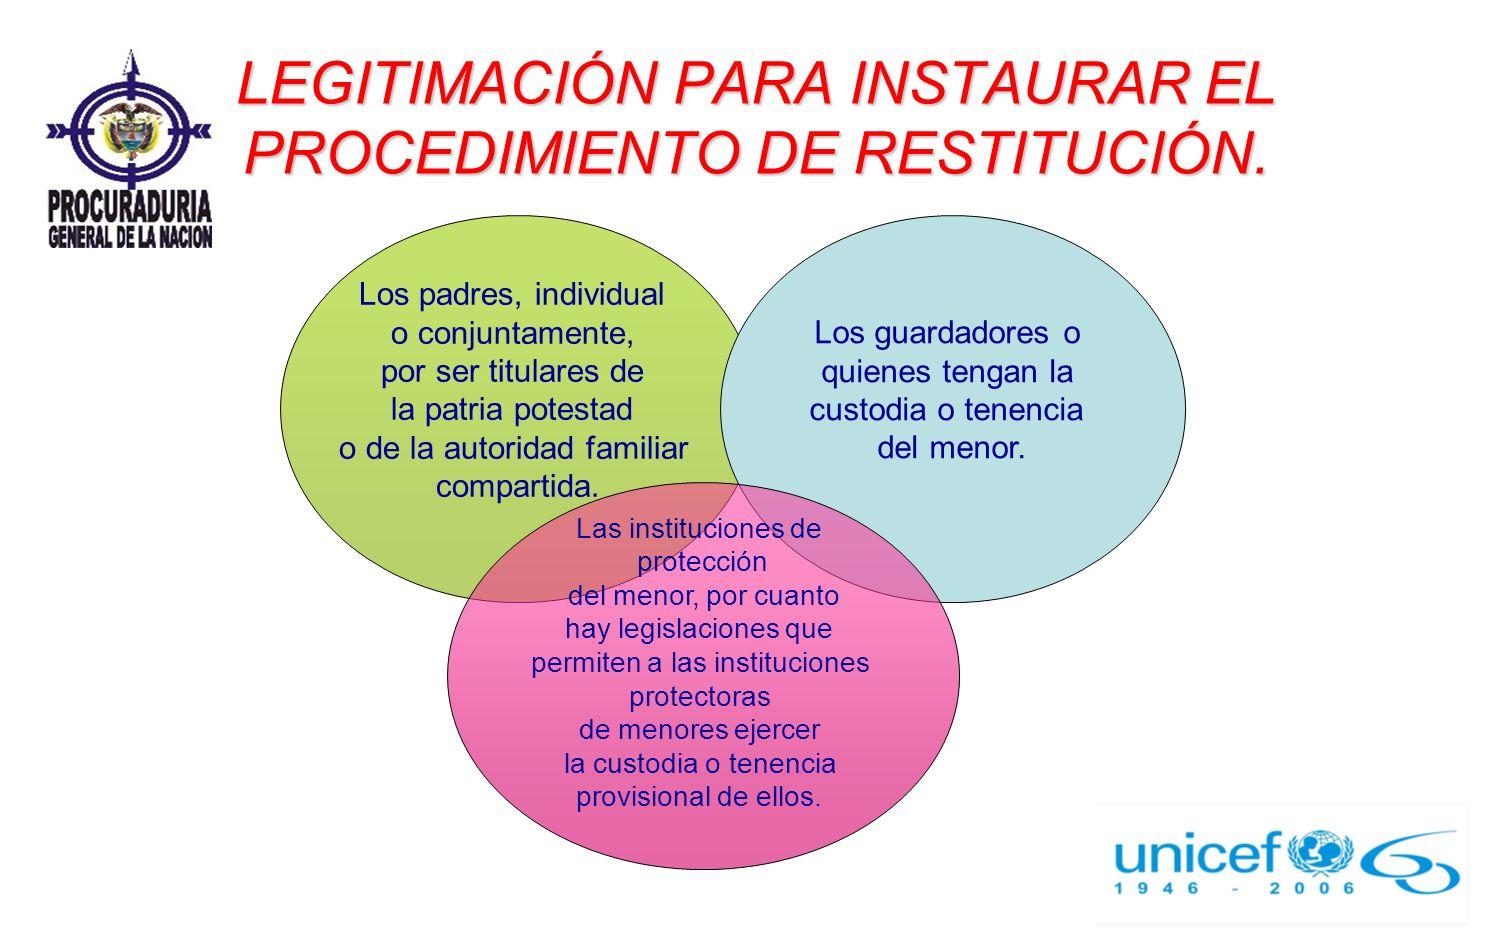 LEGITIMACIÓN PARA INSTAURAR EL PROCEDIMIENTO DE RESTITUCIÓN.